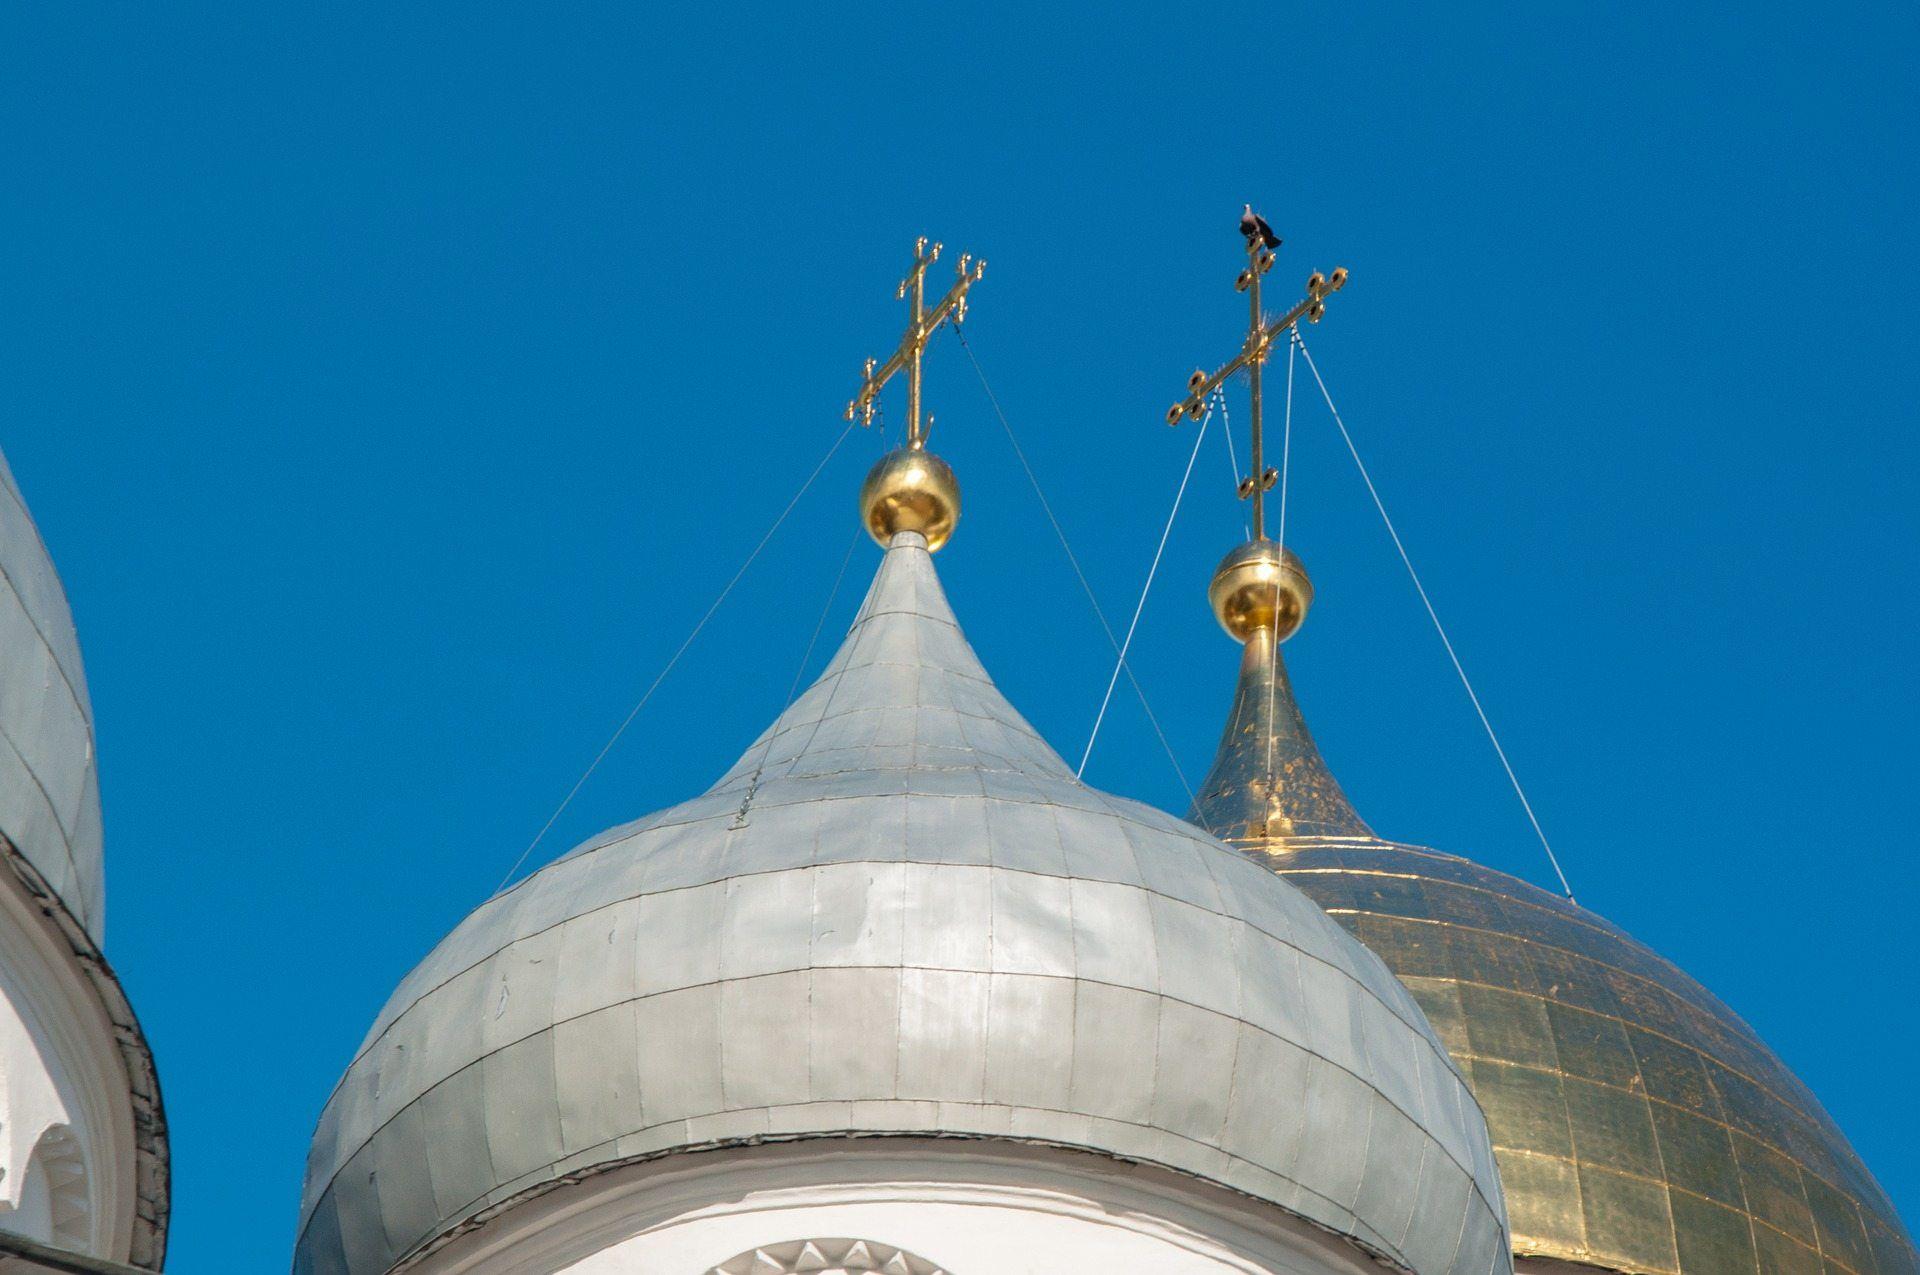 20 июня Вселенская православная церковь празднует Троицу